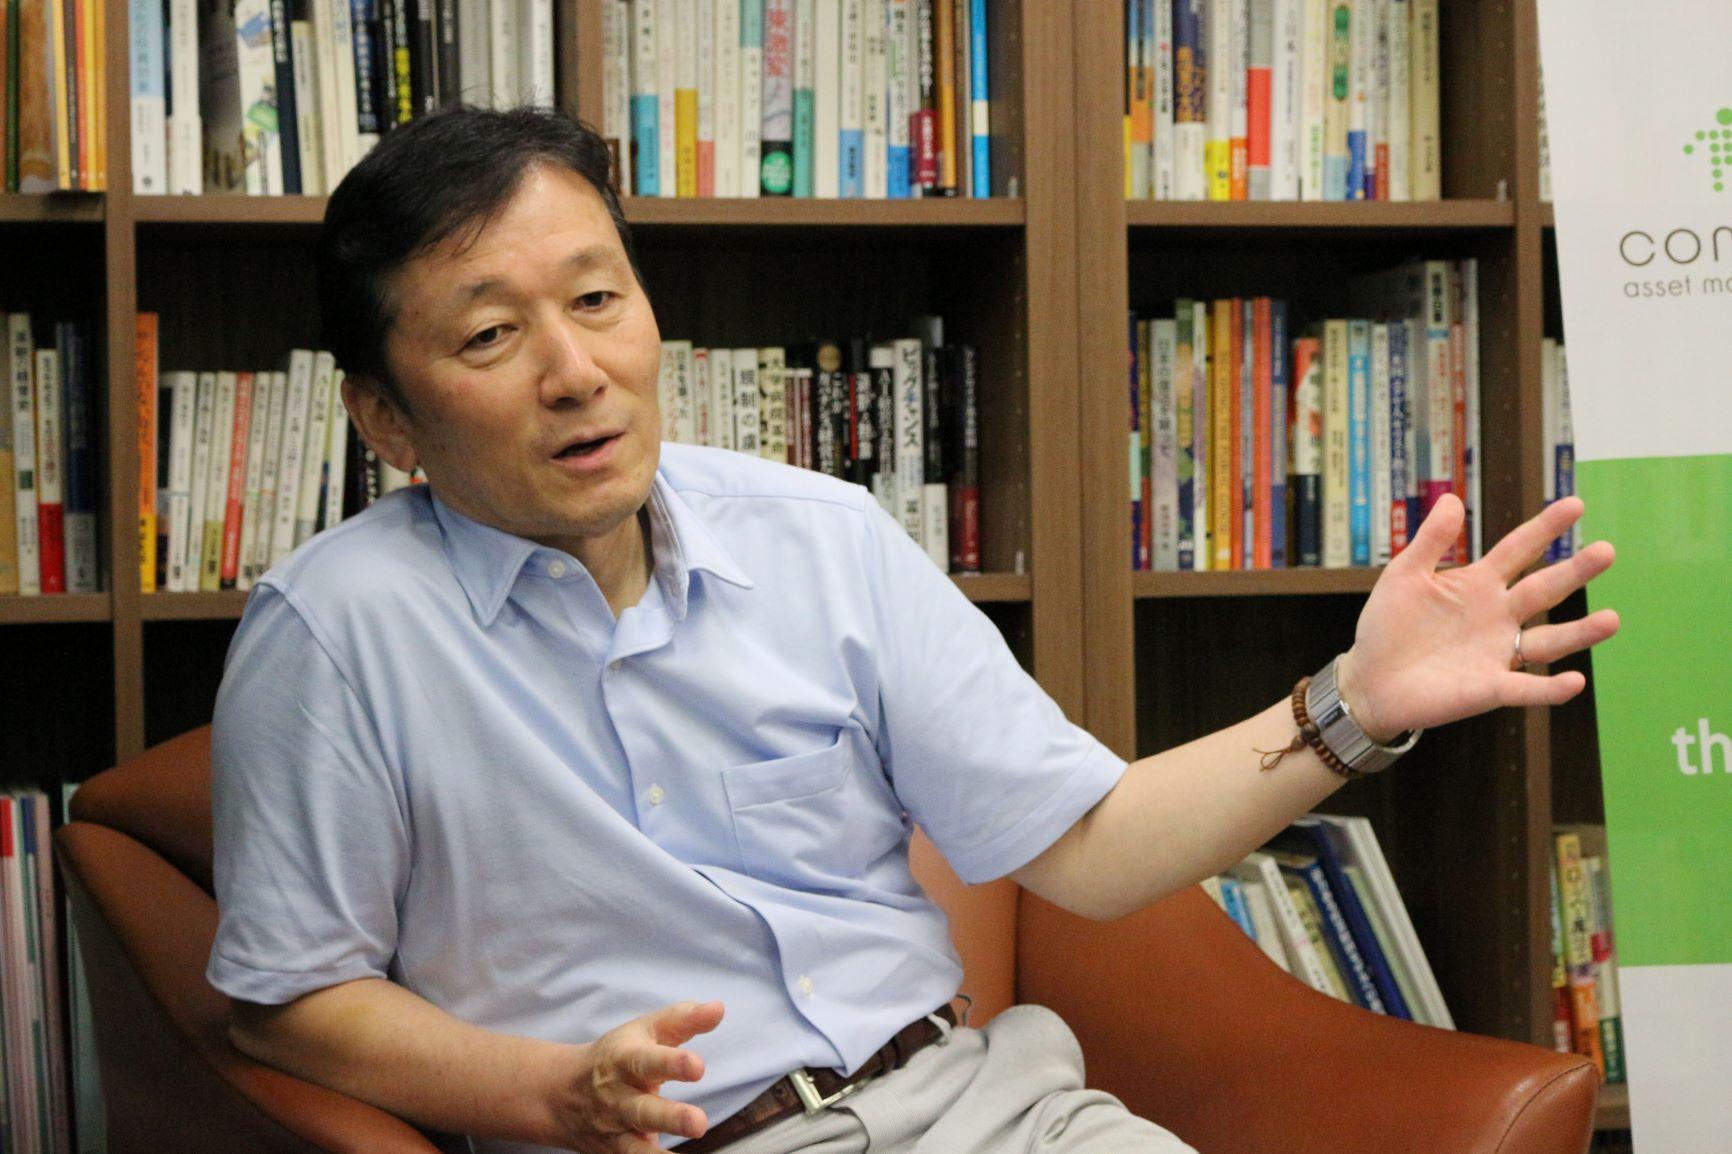 コモンズ投信株式会社代表取締役社長 伊井哲朗様